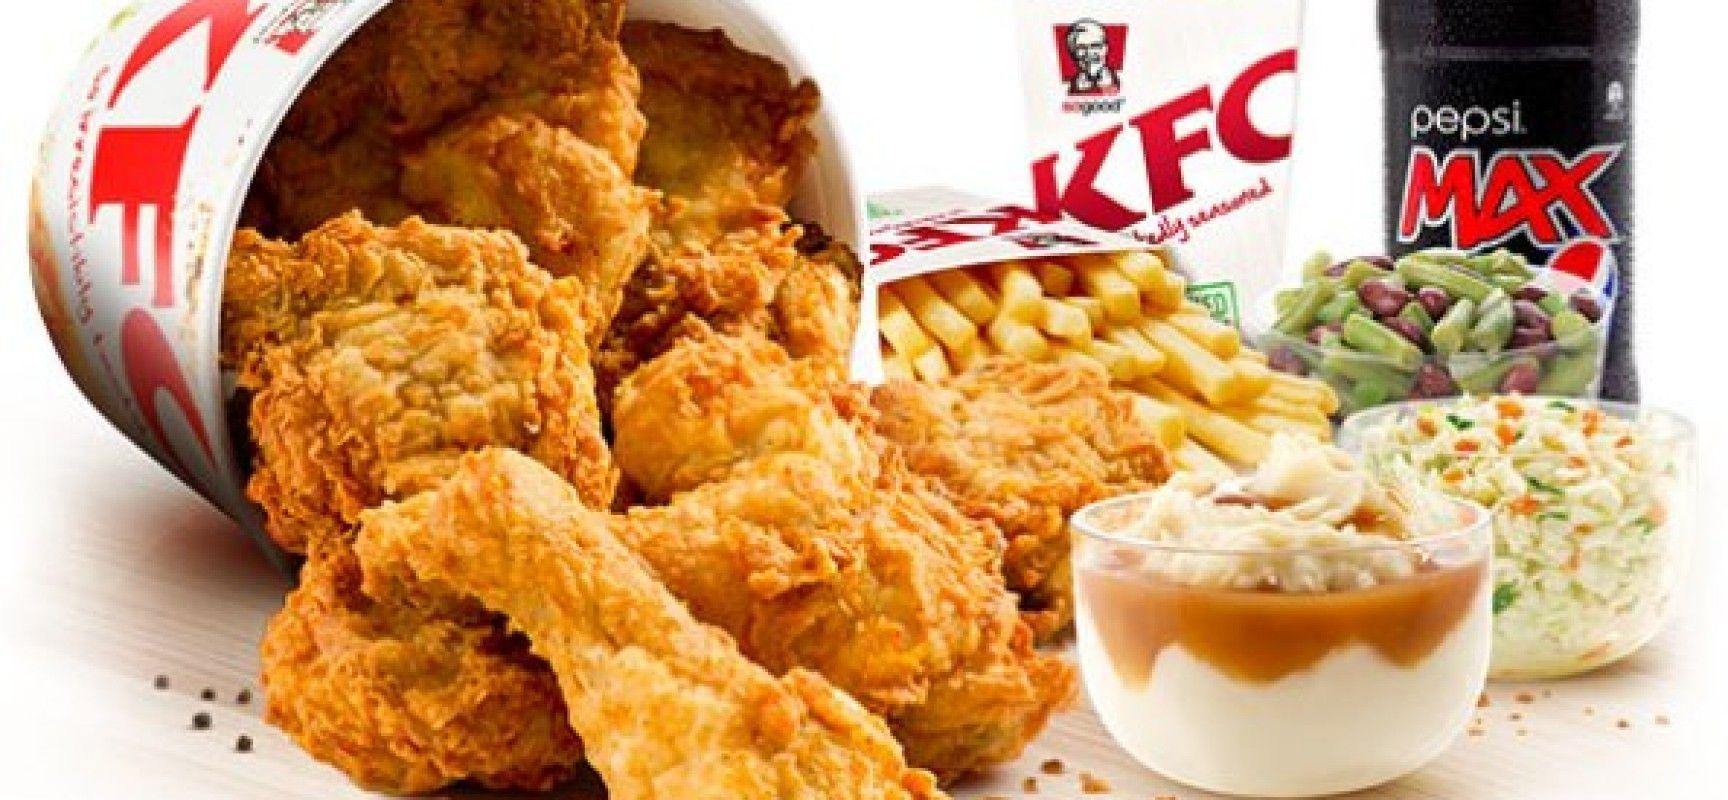 Risultati immagini per Kentucky Fried Chicken